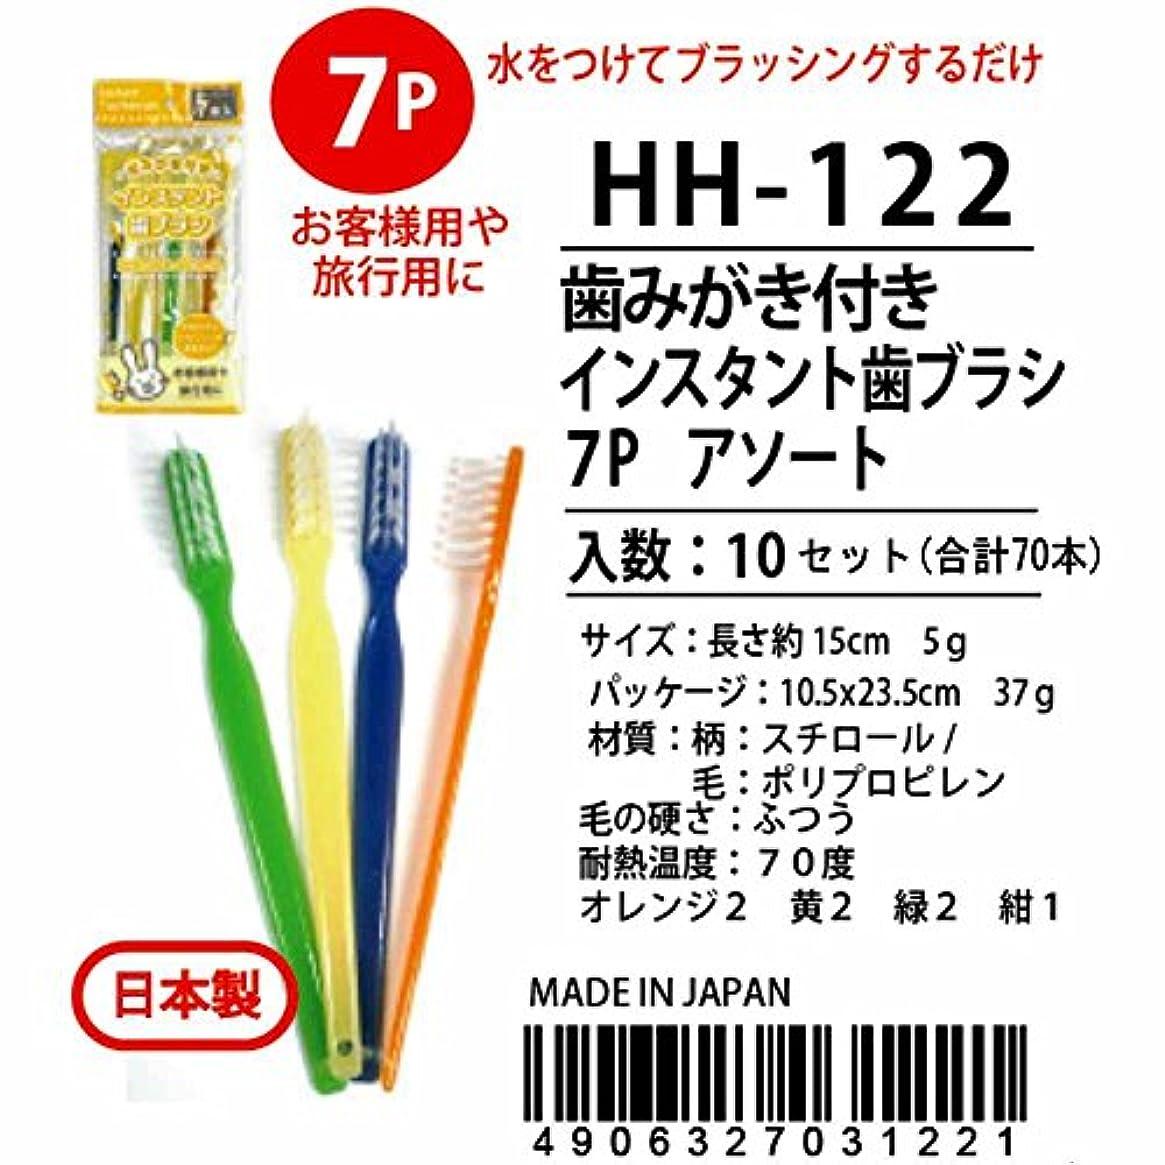 帰するぬれた手綱スバル 歯みがき付きインスタント歯ブラシ7P アソート HH-122 【まとめ買い10個セット】